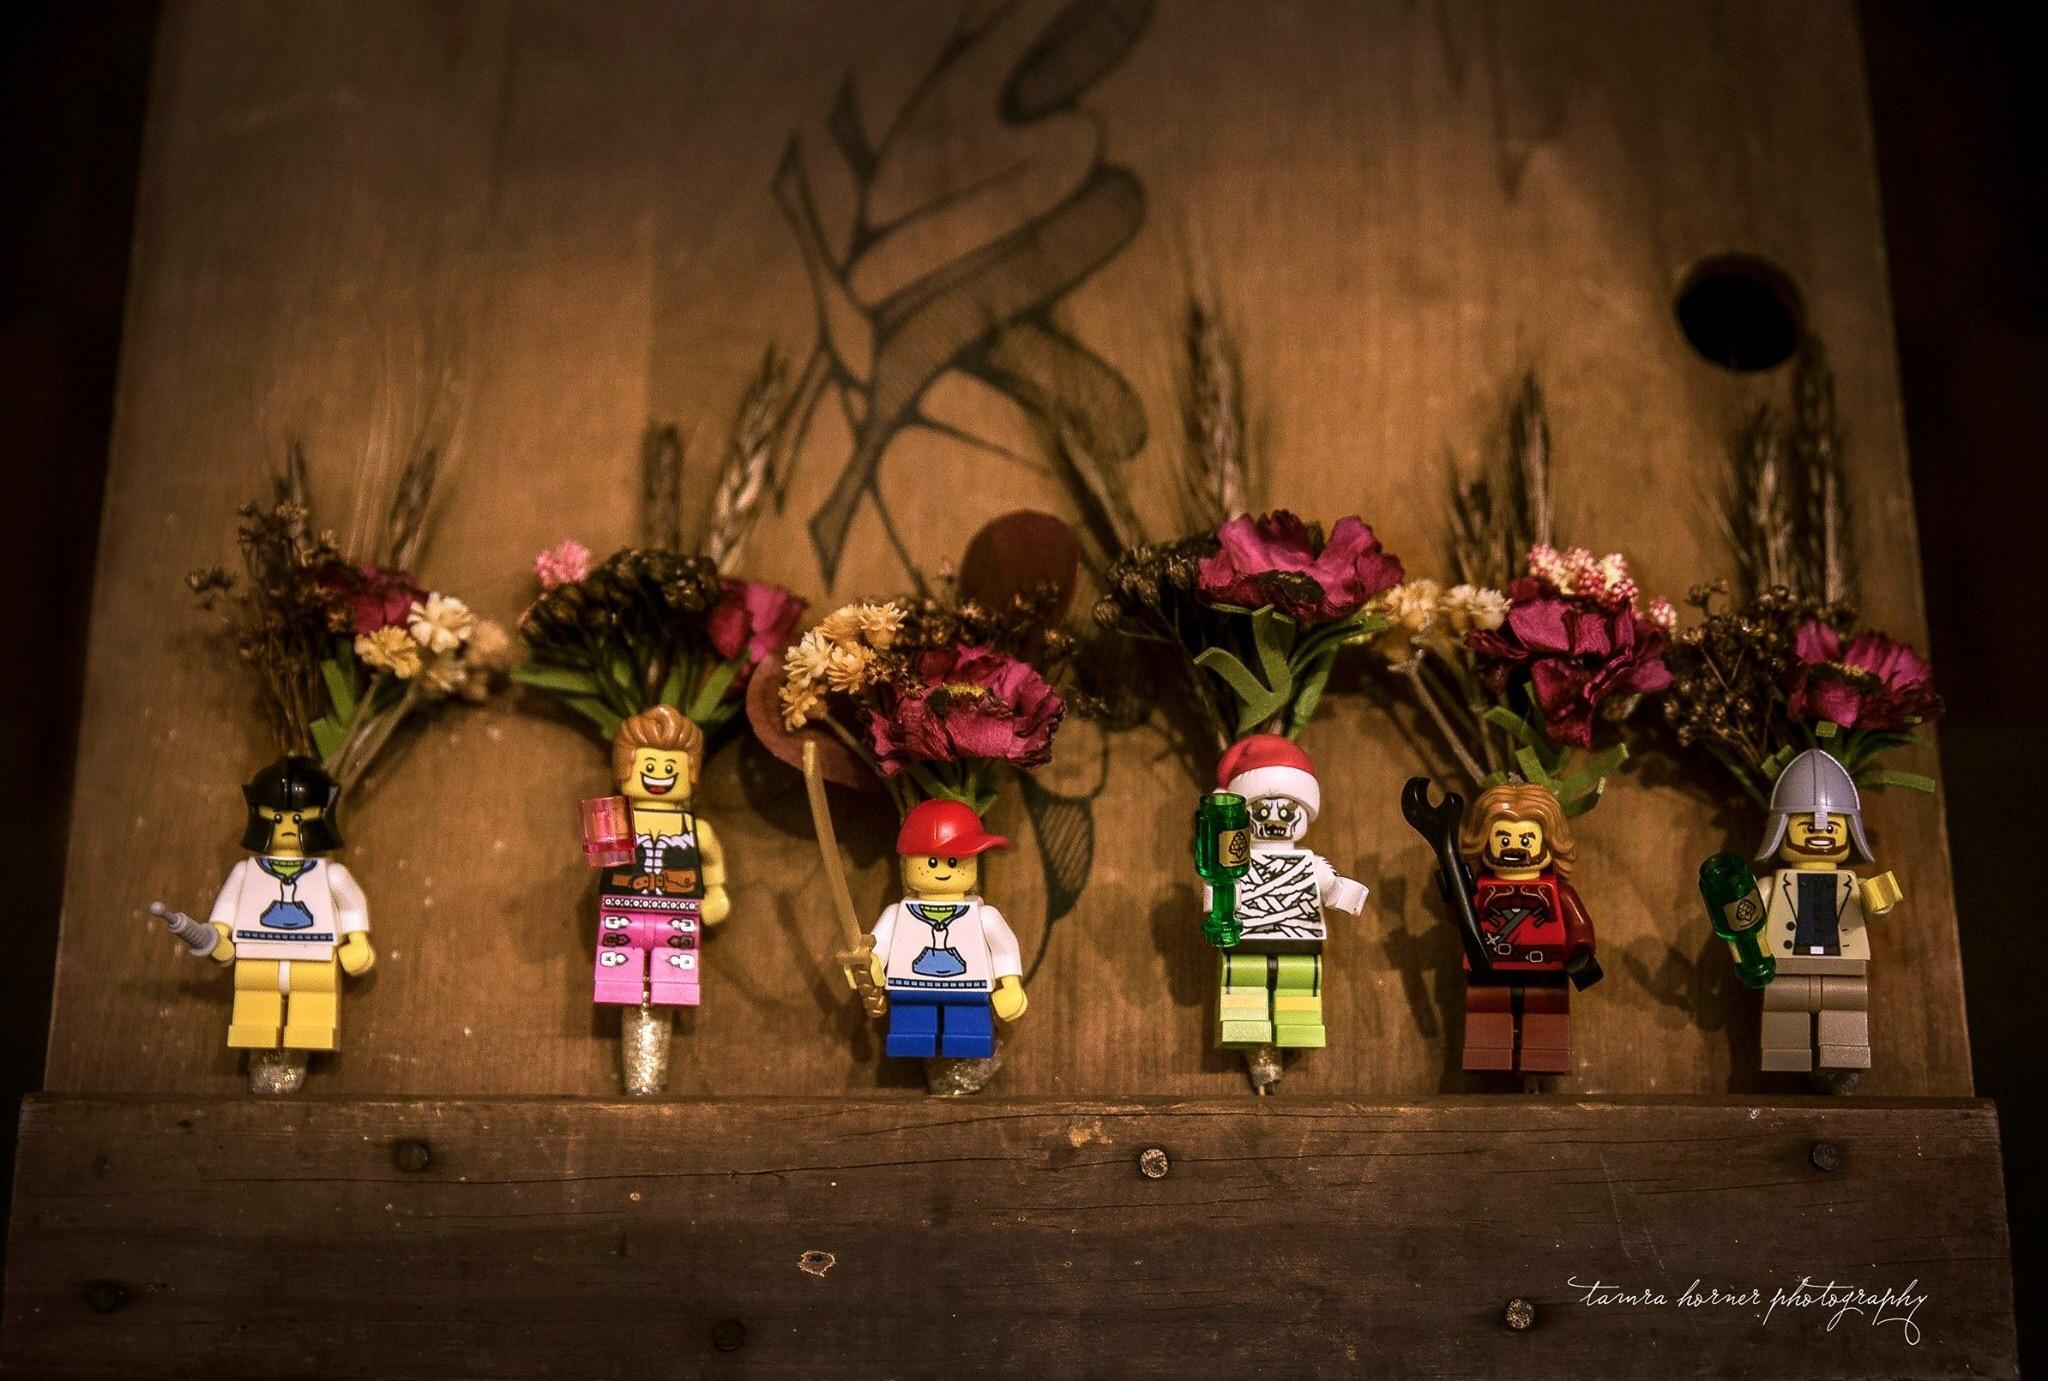 lego boutonnieres , austin texas wedding photographer,